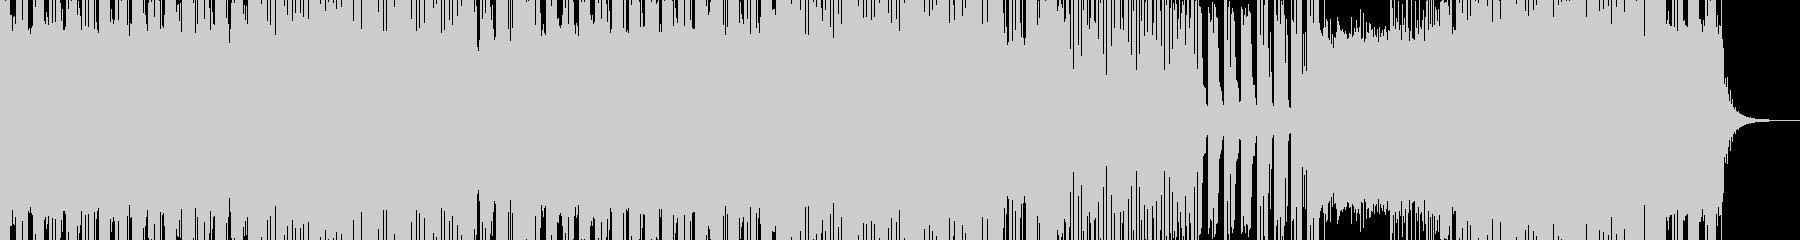 ゲームにマッチする高揚感のあるサウンドの未再生の波形